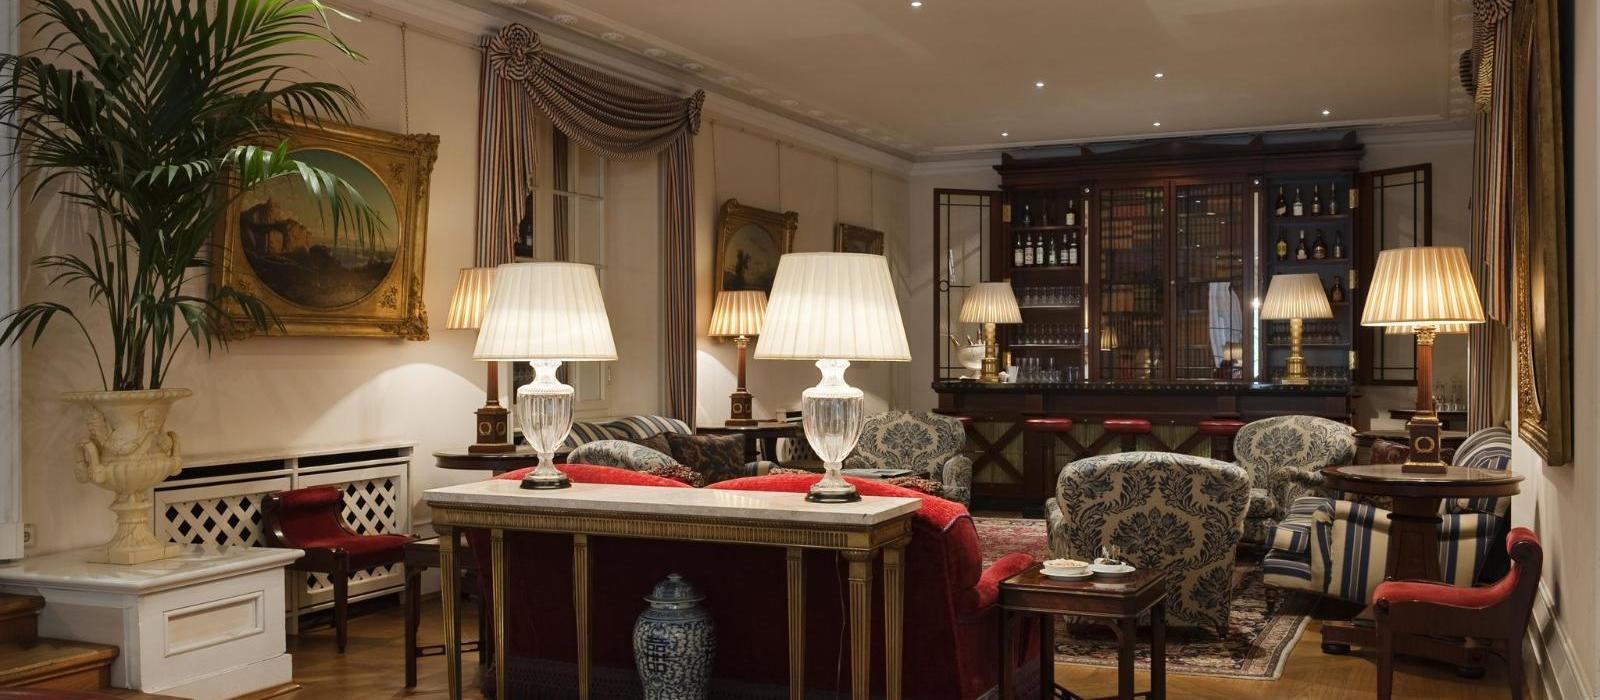 海森霍夫大酒店(Grandhotel Hessischer Hof) 酒廊图片  www.lhw.cn